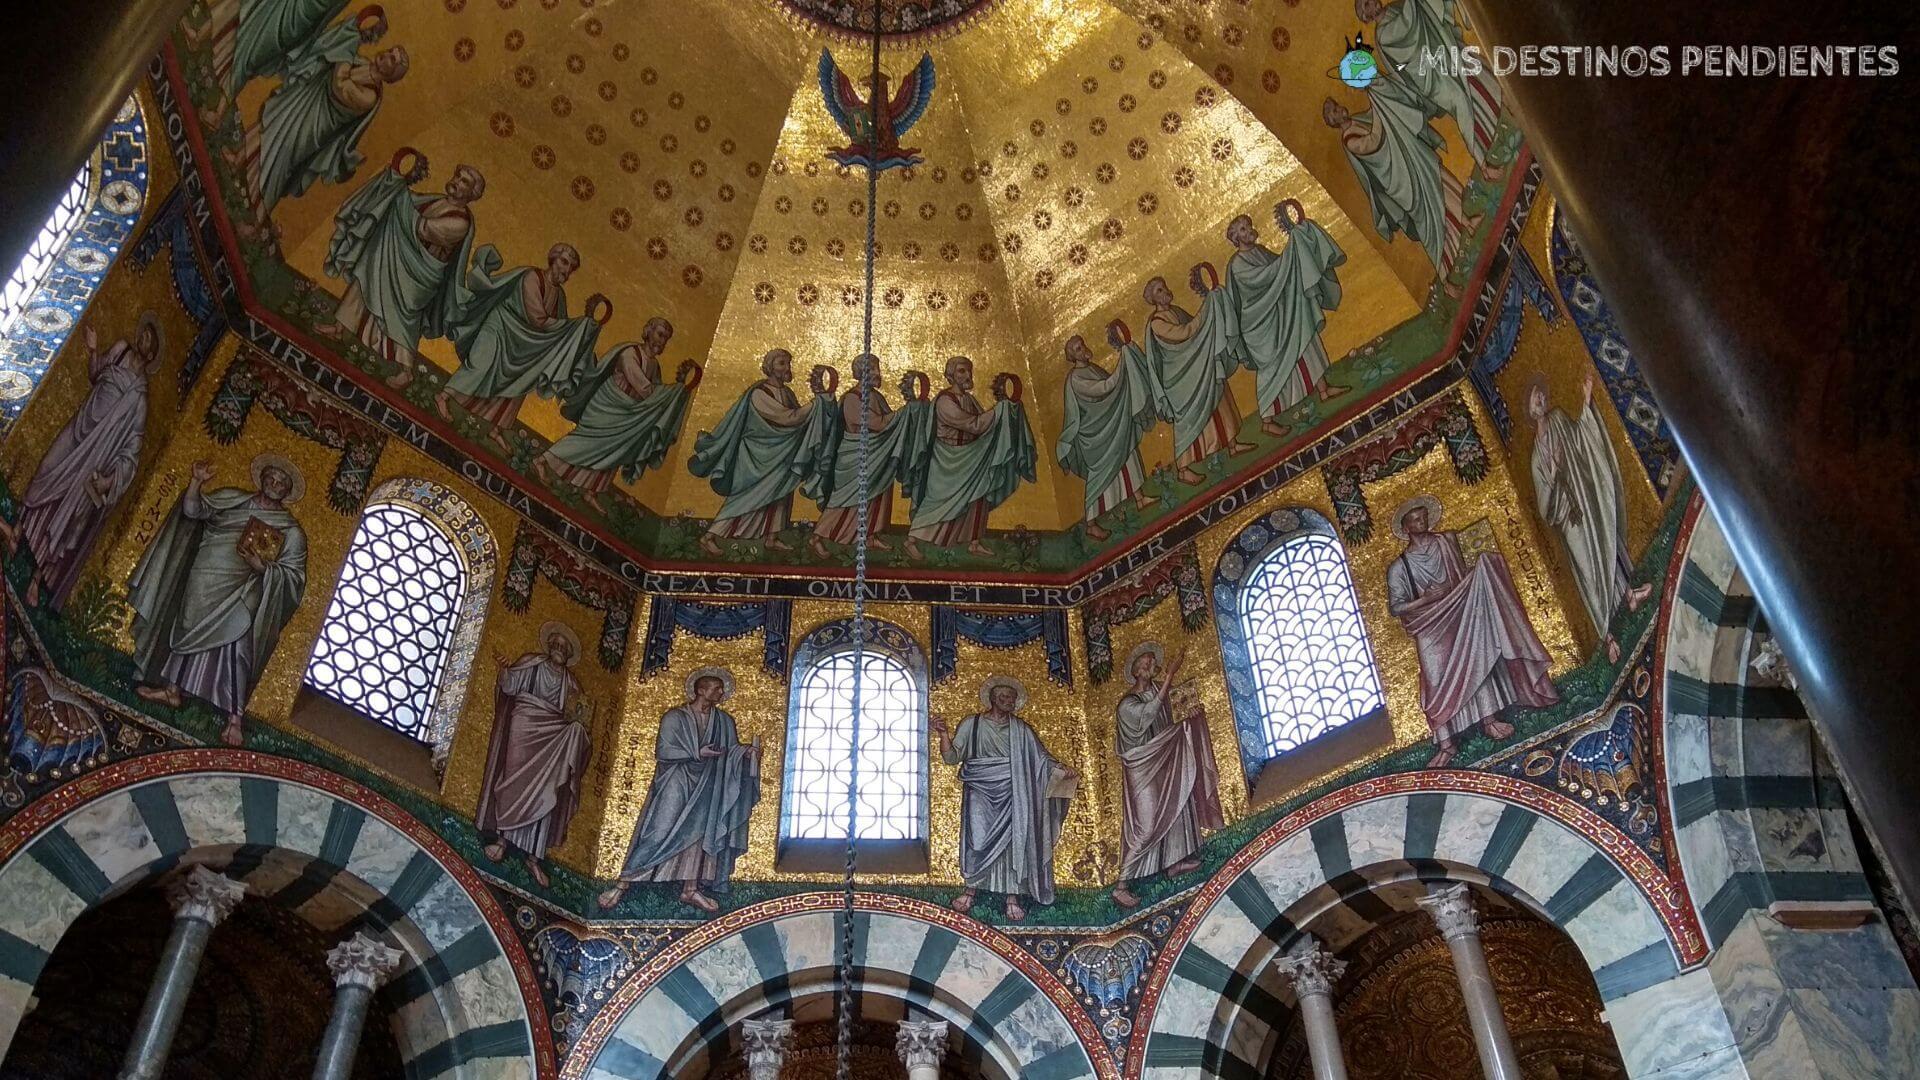 Cúpula de la Catedral de Aquisgrán (Aachen, Alemania)